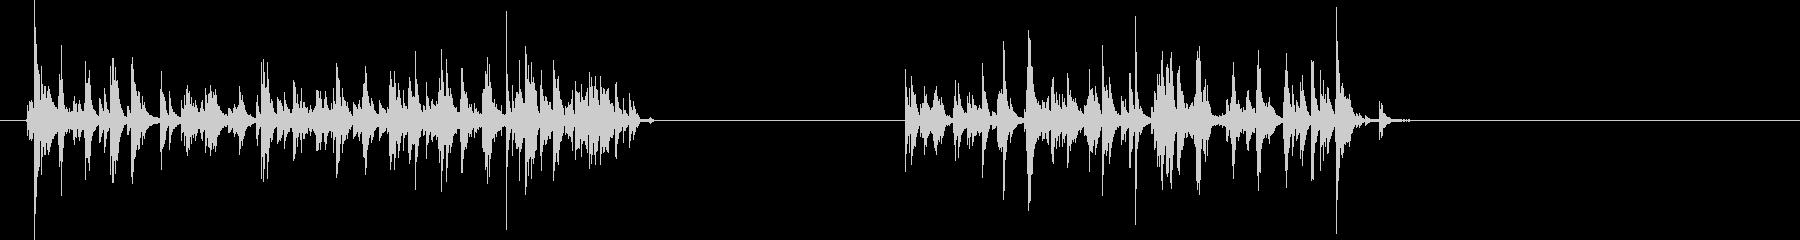 クリスマスの鐘-2つの効果;ベルジングルの未再生の波形